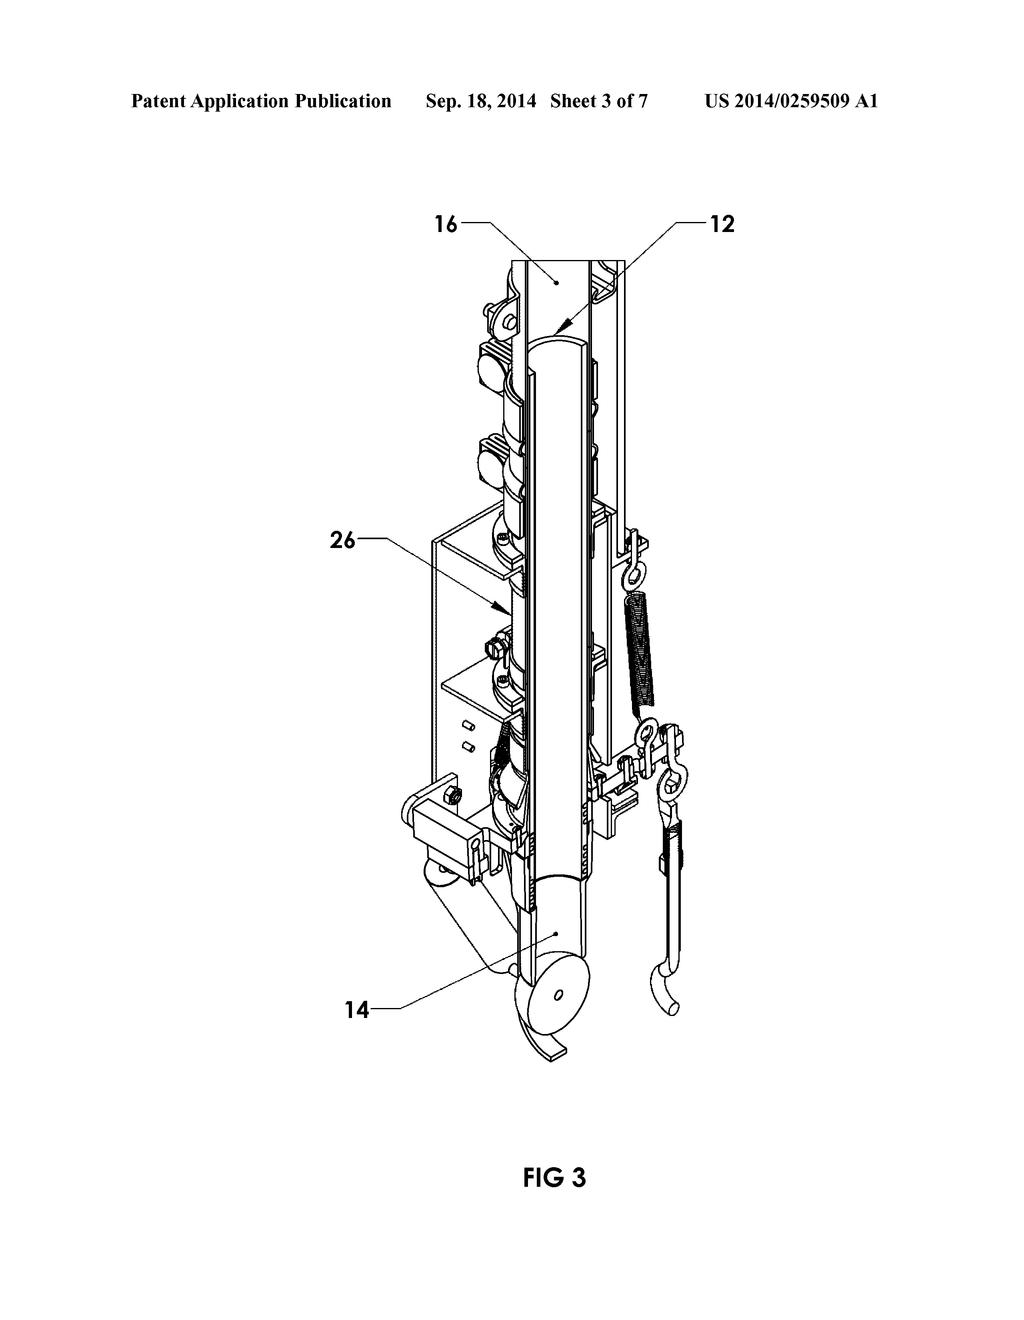 Wrg Central Vacuum Schematic